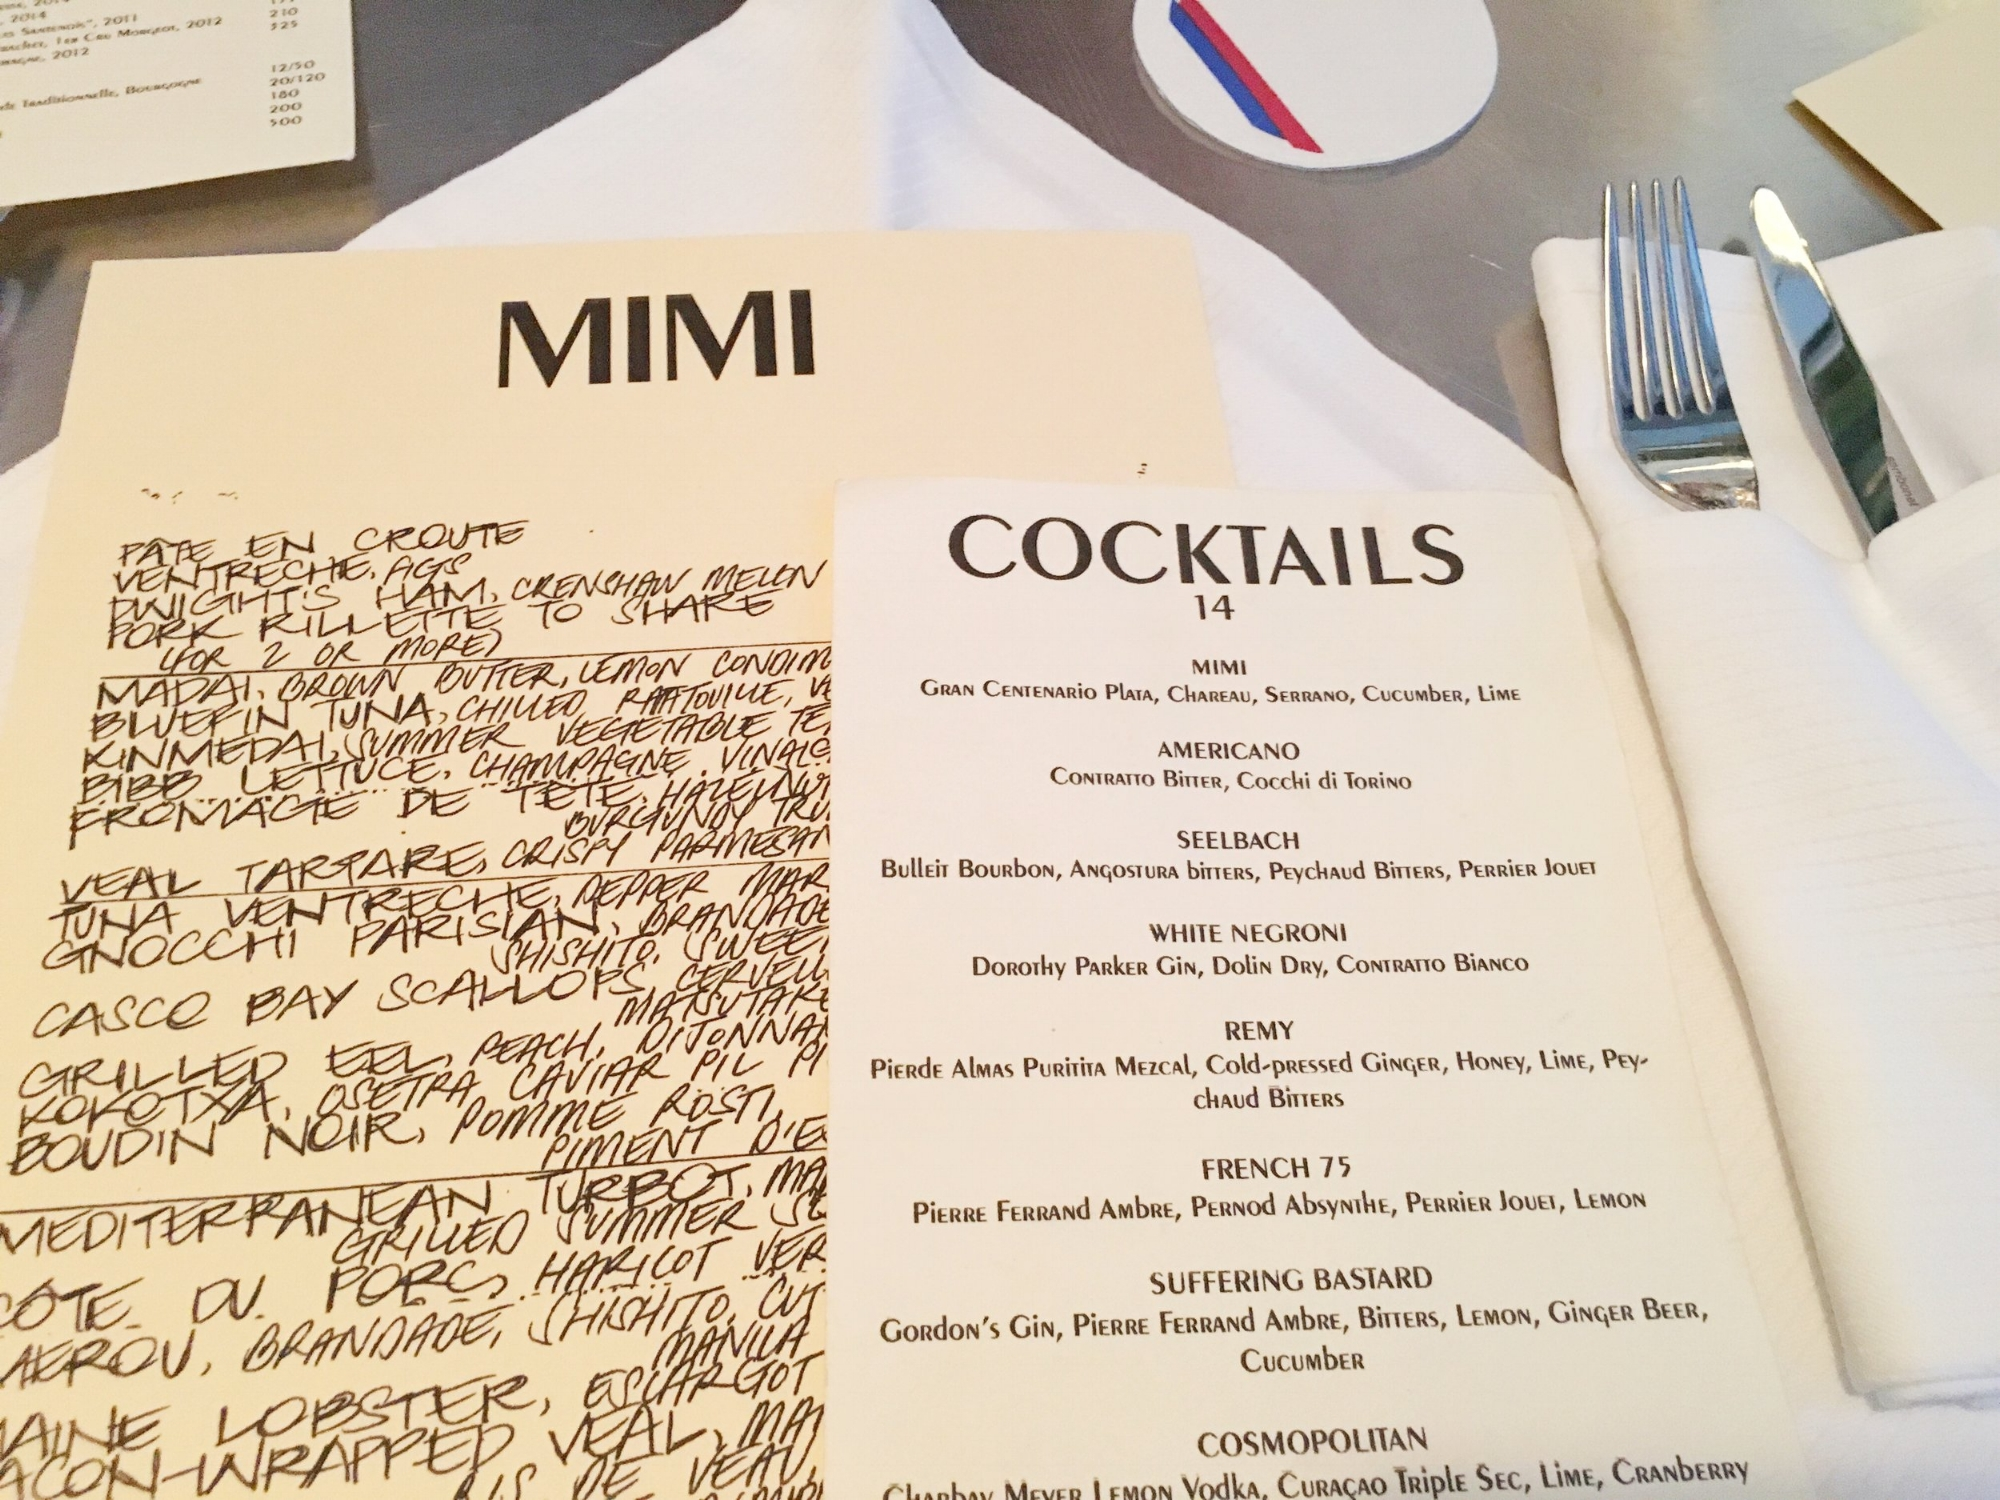 Food and cocktail menu at the bar